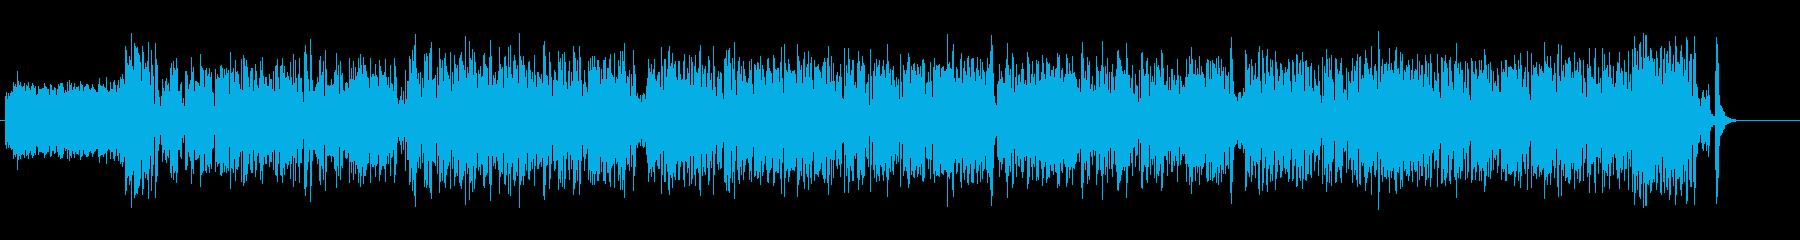 軽快なフラメンコ調ジプシー系ワールド音楽の再生済みの波形